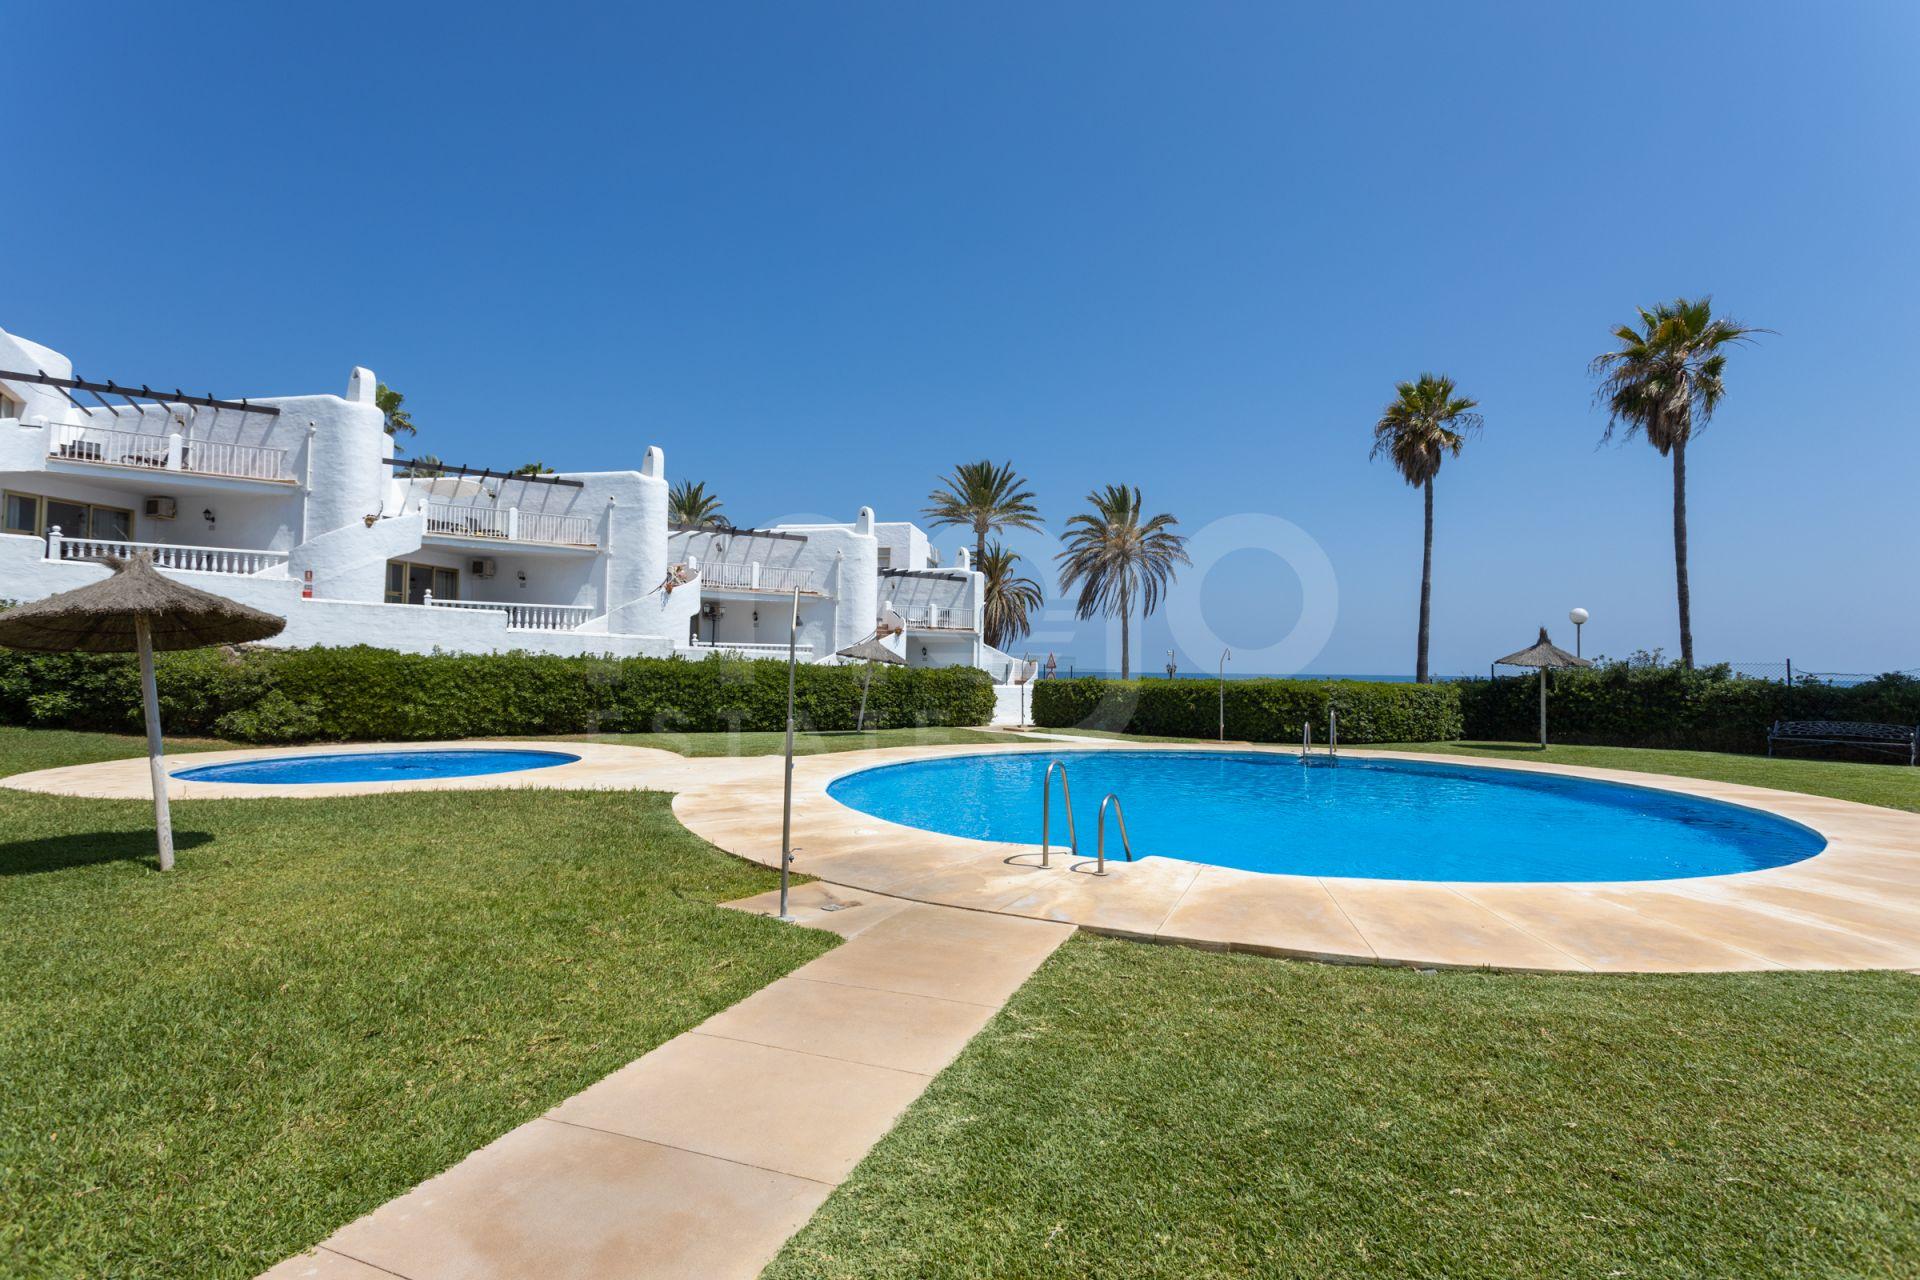 Bel appartement de 2 chambres situé dans le complexe de première ligne de plage à Calahonda!